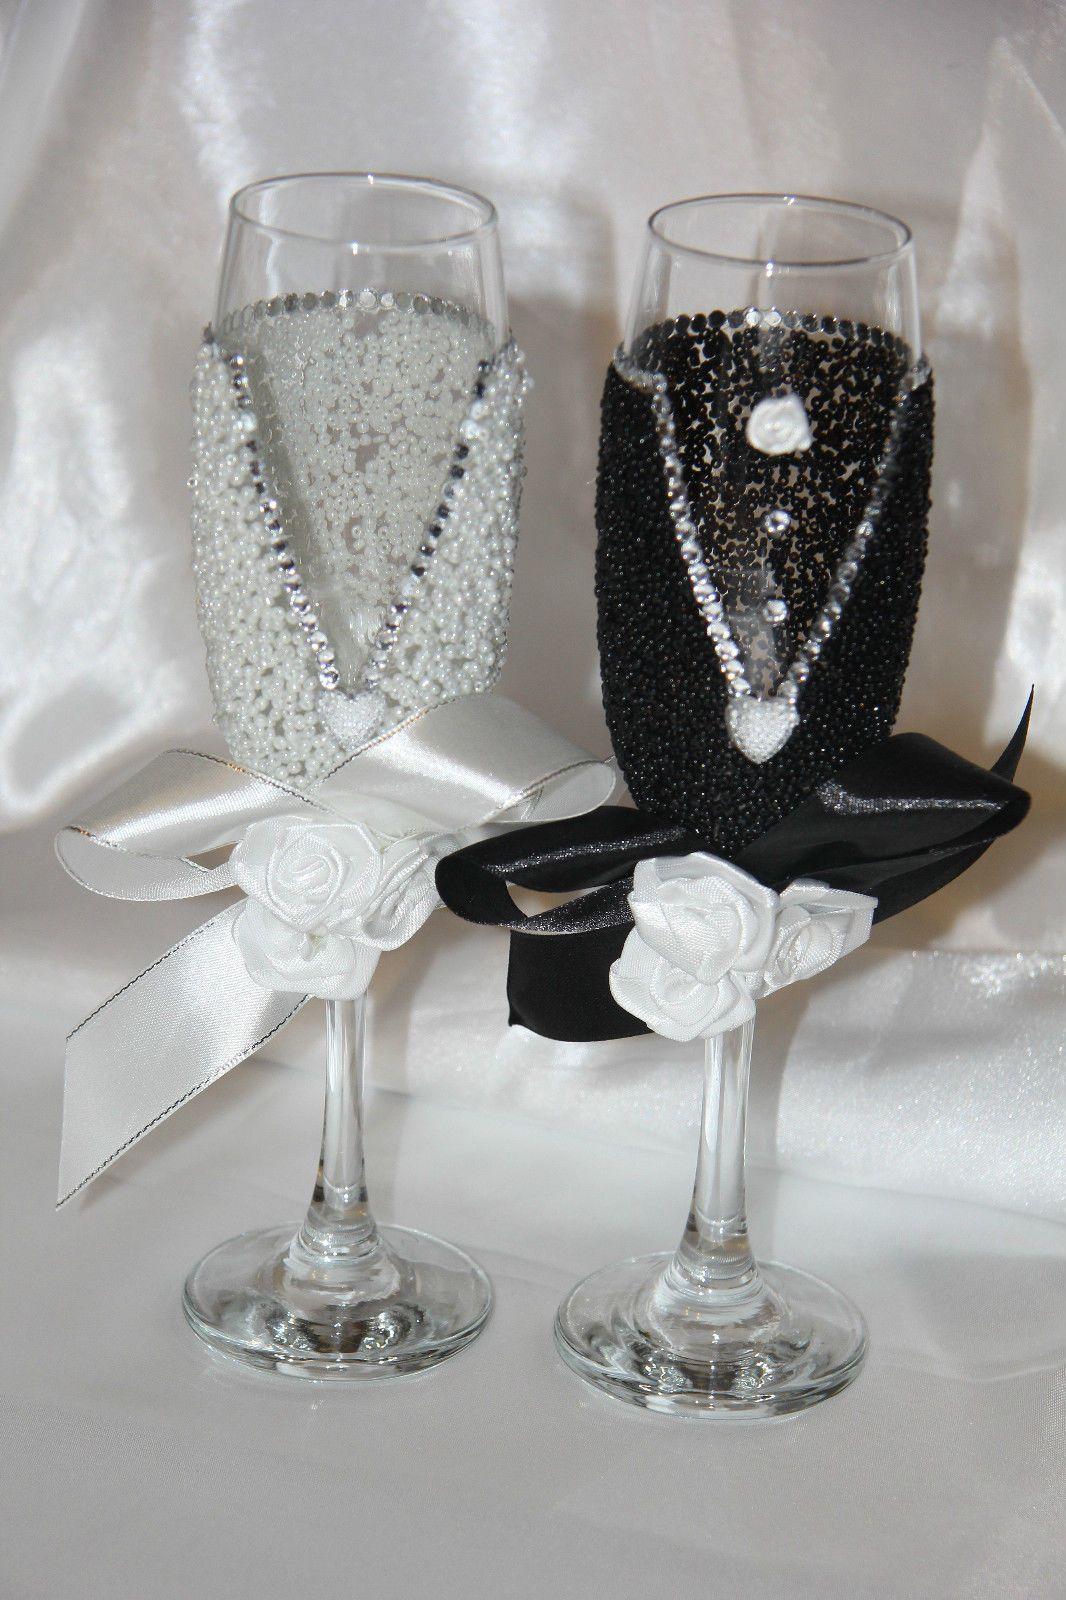 Hochzeitsgläser Sektgläser Hochzeit Hochzeitsgeschenk.